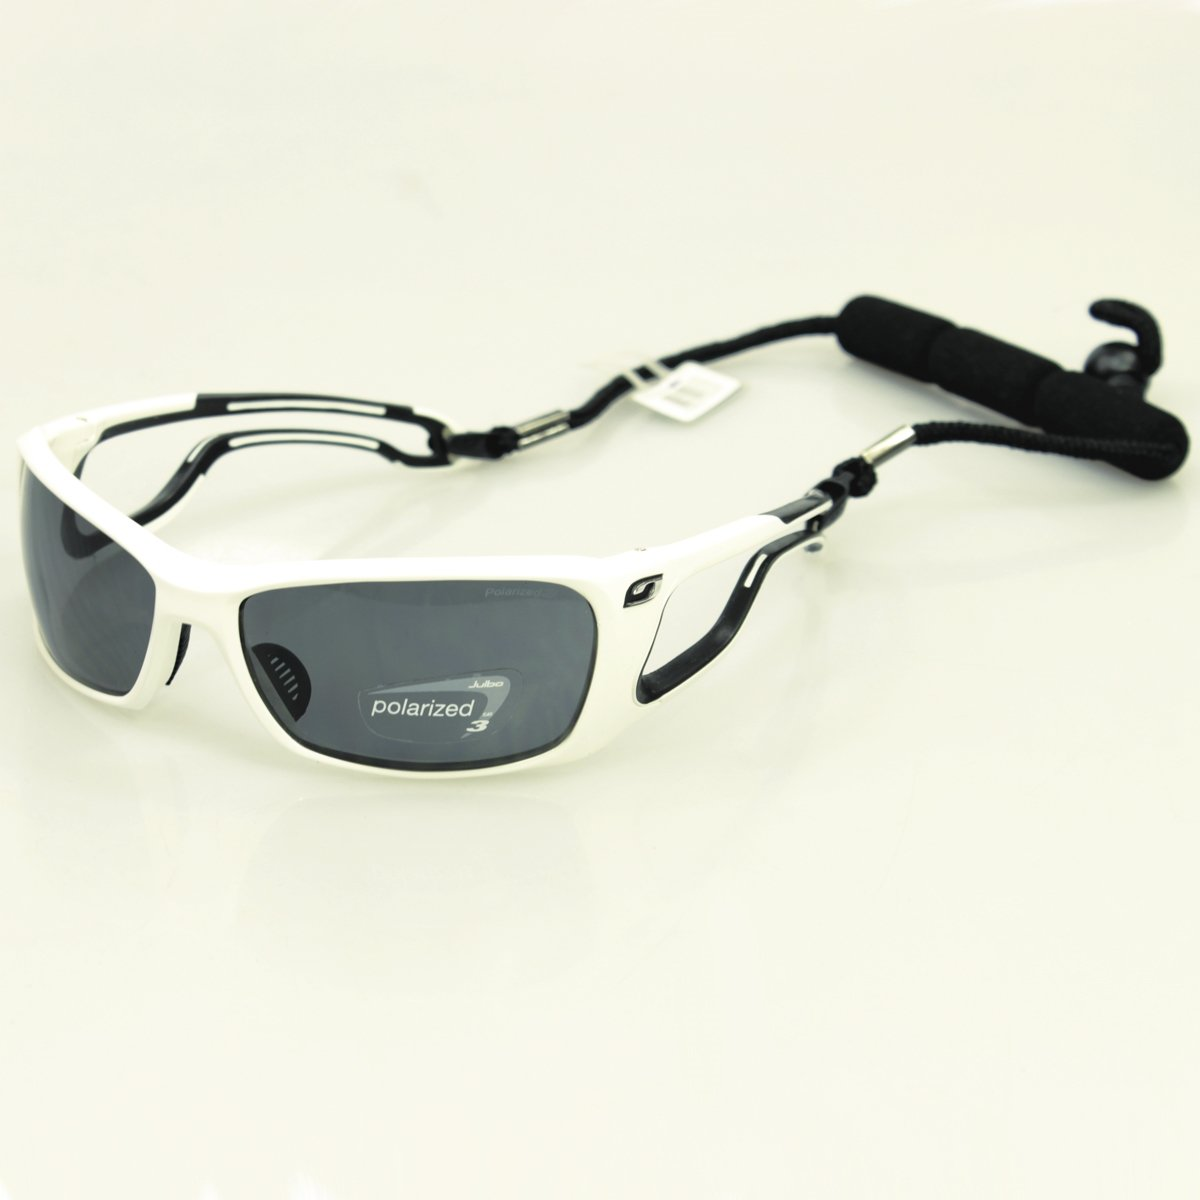 Óculos Julbo Pipeline BlanNoir Polarized - Compre Agora   Netshoes 61ef92c1b5